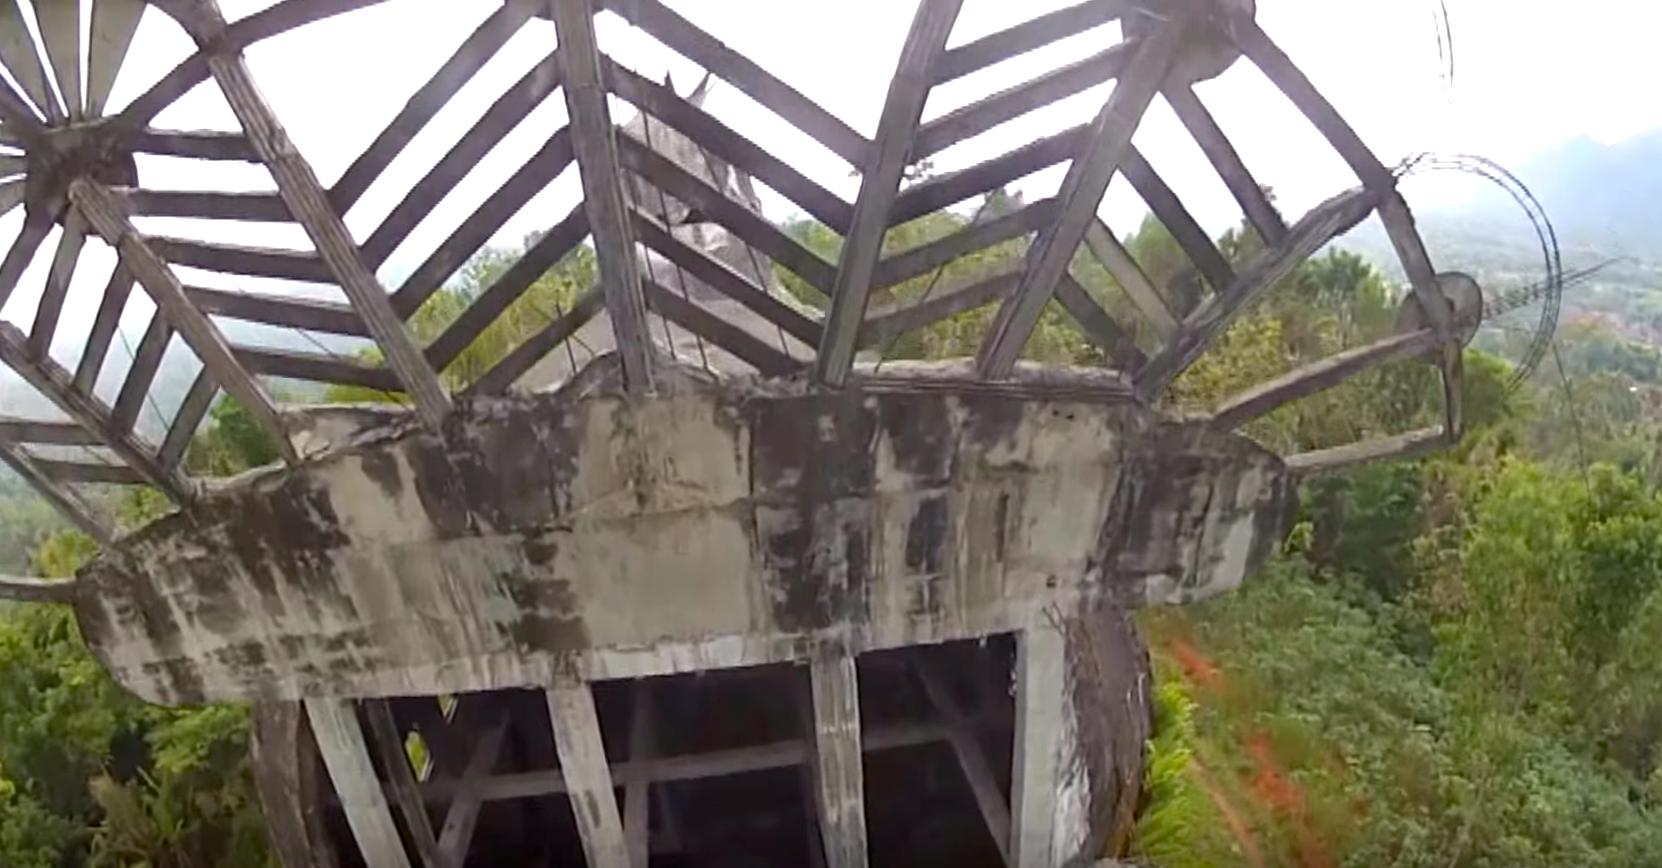 ジャワ島の密林に潜む怪しげな「鳩のドーム」いったい、これはナンダ?